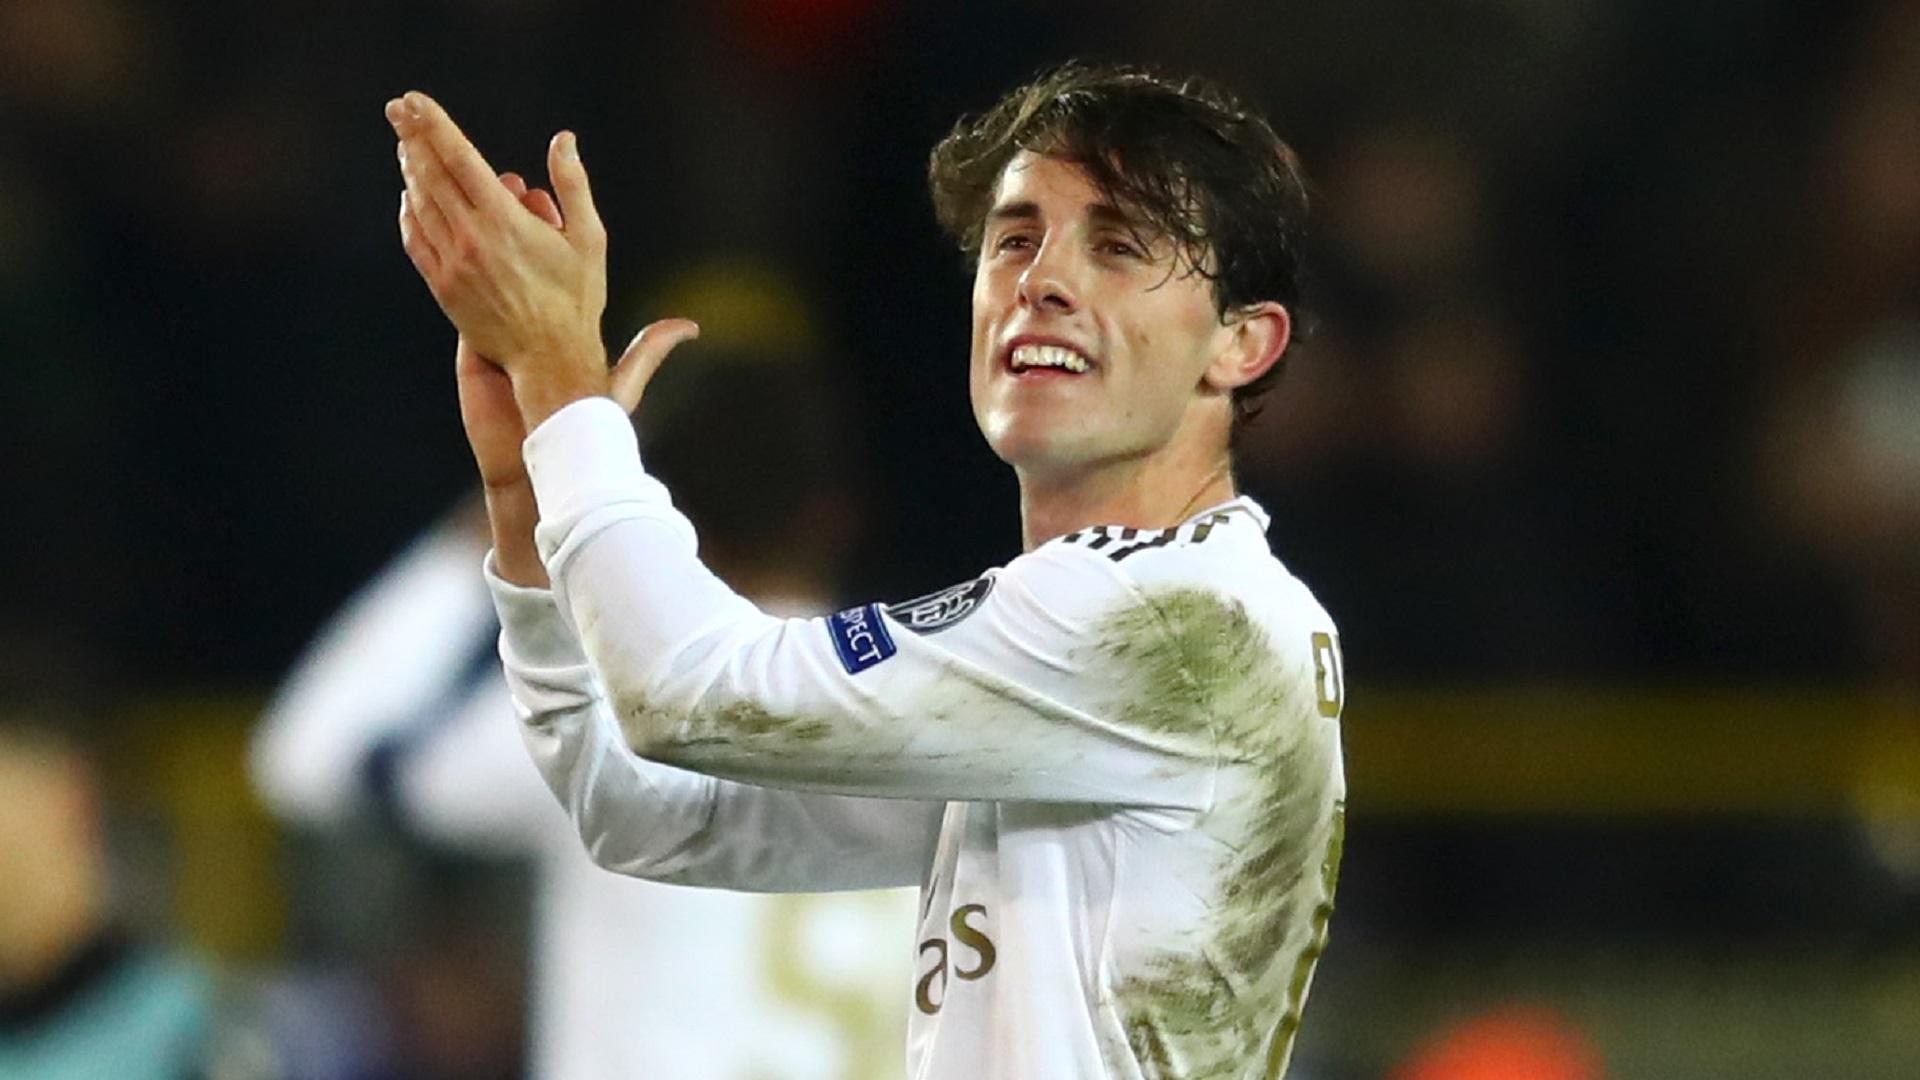 ألفارو أودريوزولا يعود إلى ريال مدريد - التيار الاخضر